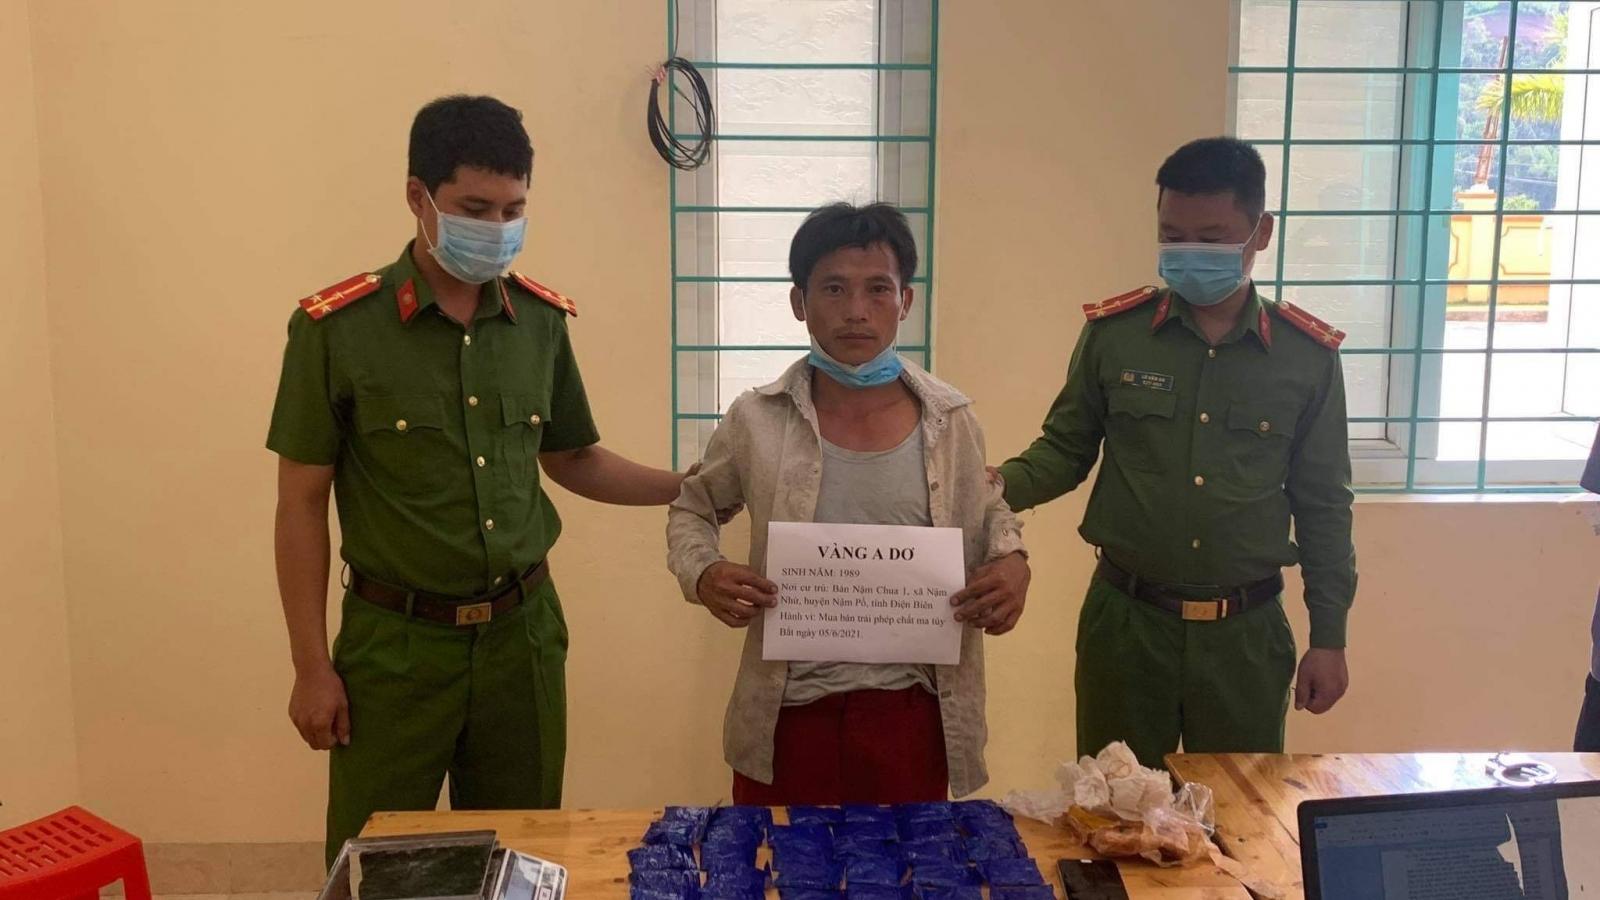 Bắt giữ đối tượng mua 6.000 viên ma túy từ Lào về bán kiếm lời